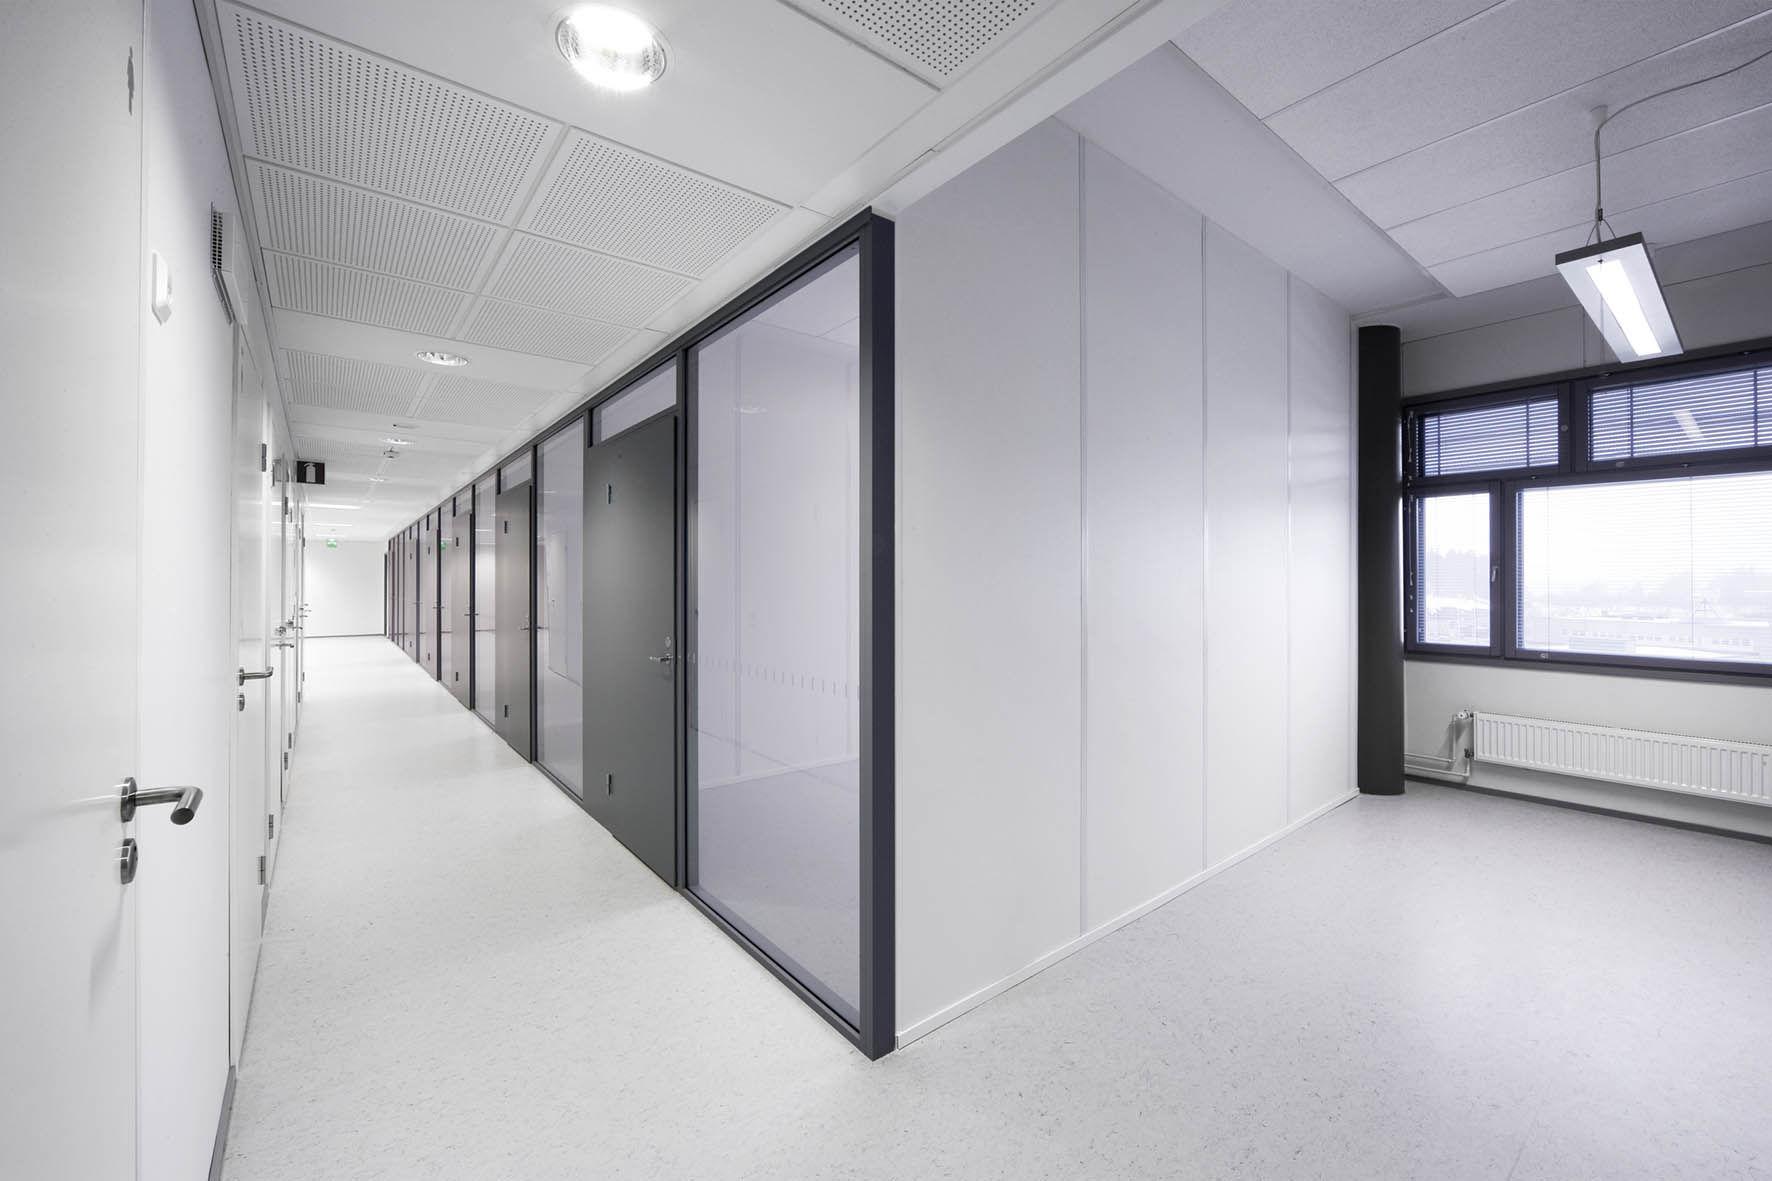 Ufficio In Cartongesso : Parete amovibile in metallo in cartongesso da ufficio